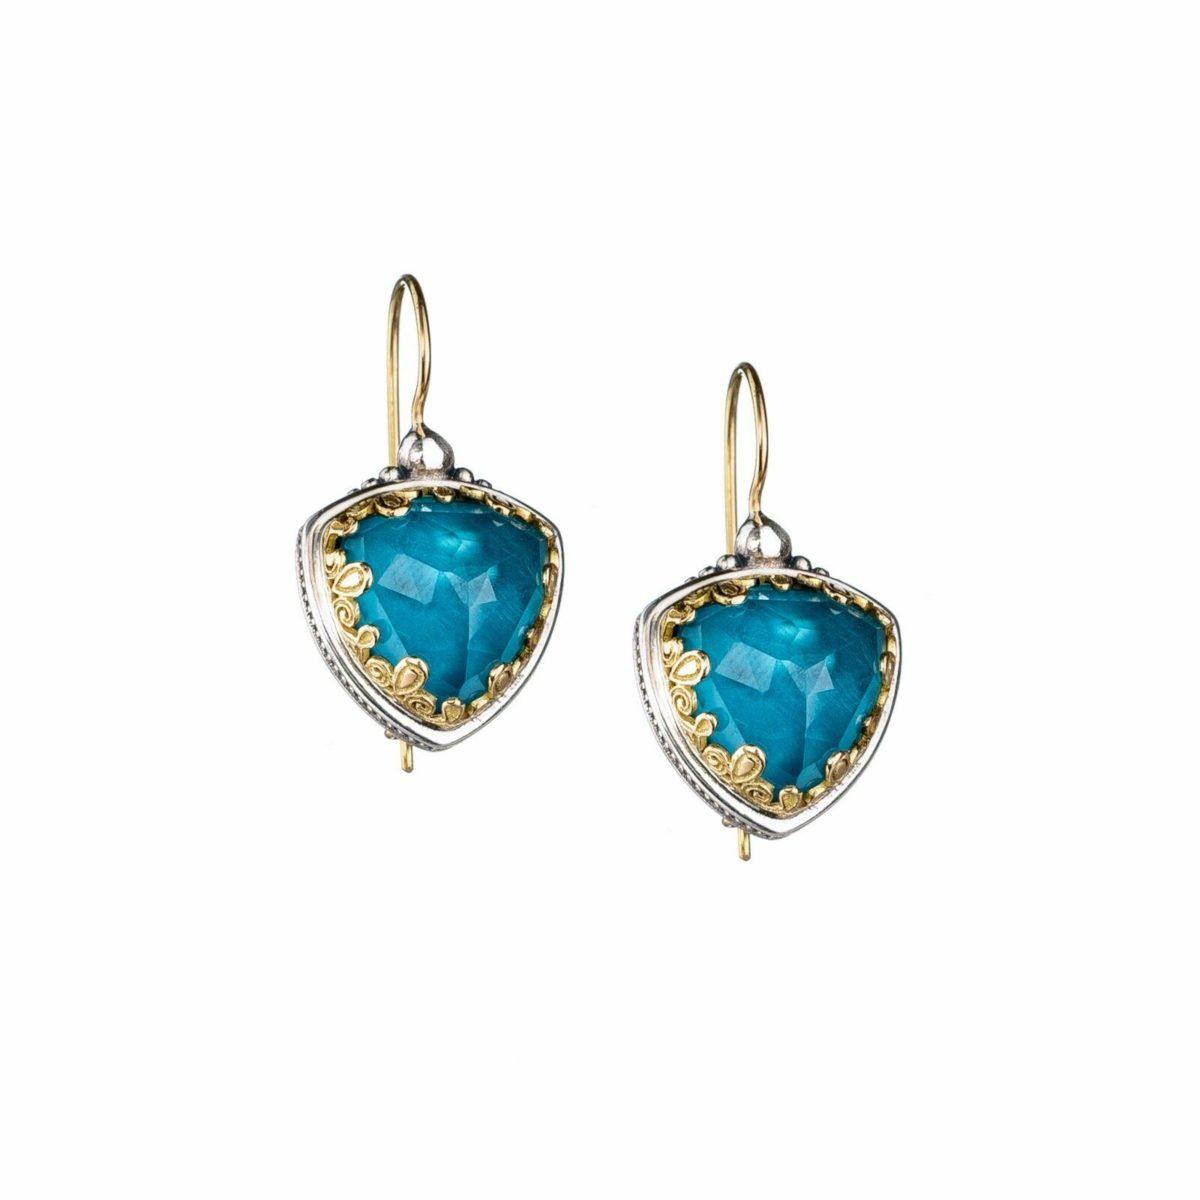 Κρεμαστά σκουλαρίκια Gerochristos στολισμένα με ντουμπλέτα πέτρα Απατίτη και διάφανο Χαλαζία